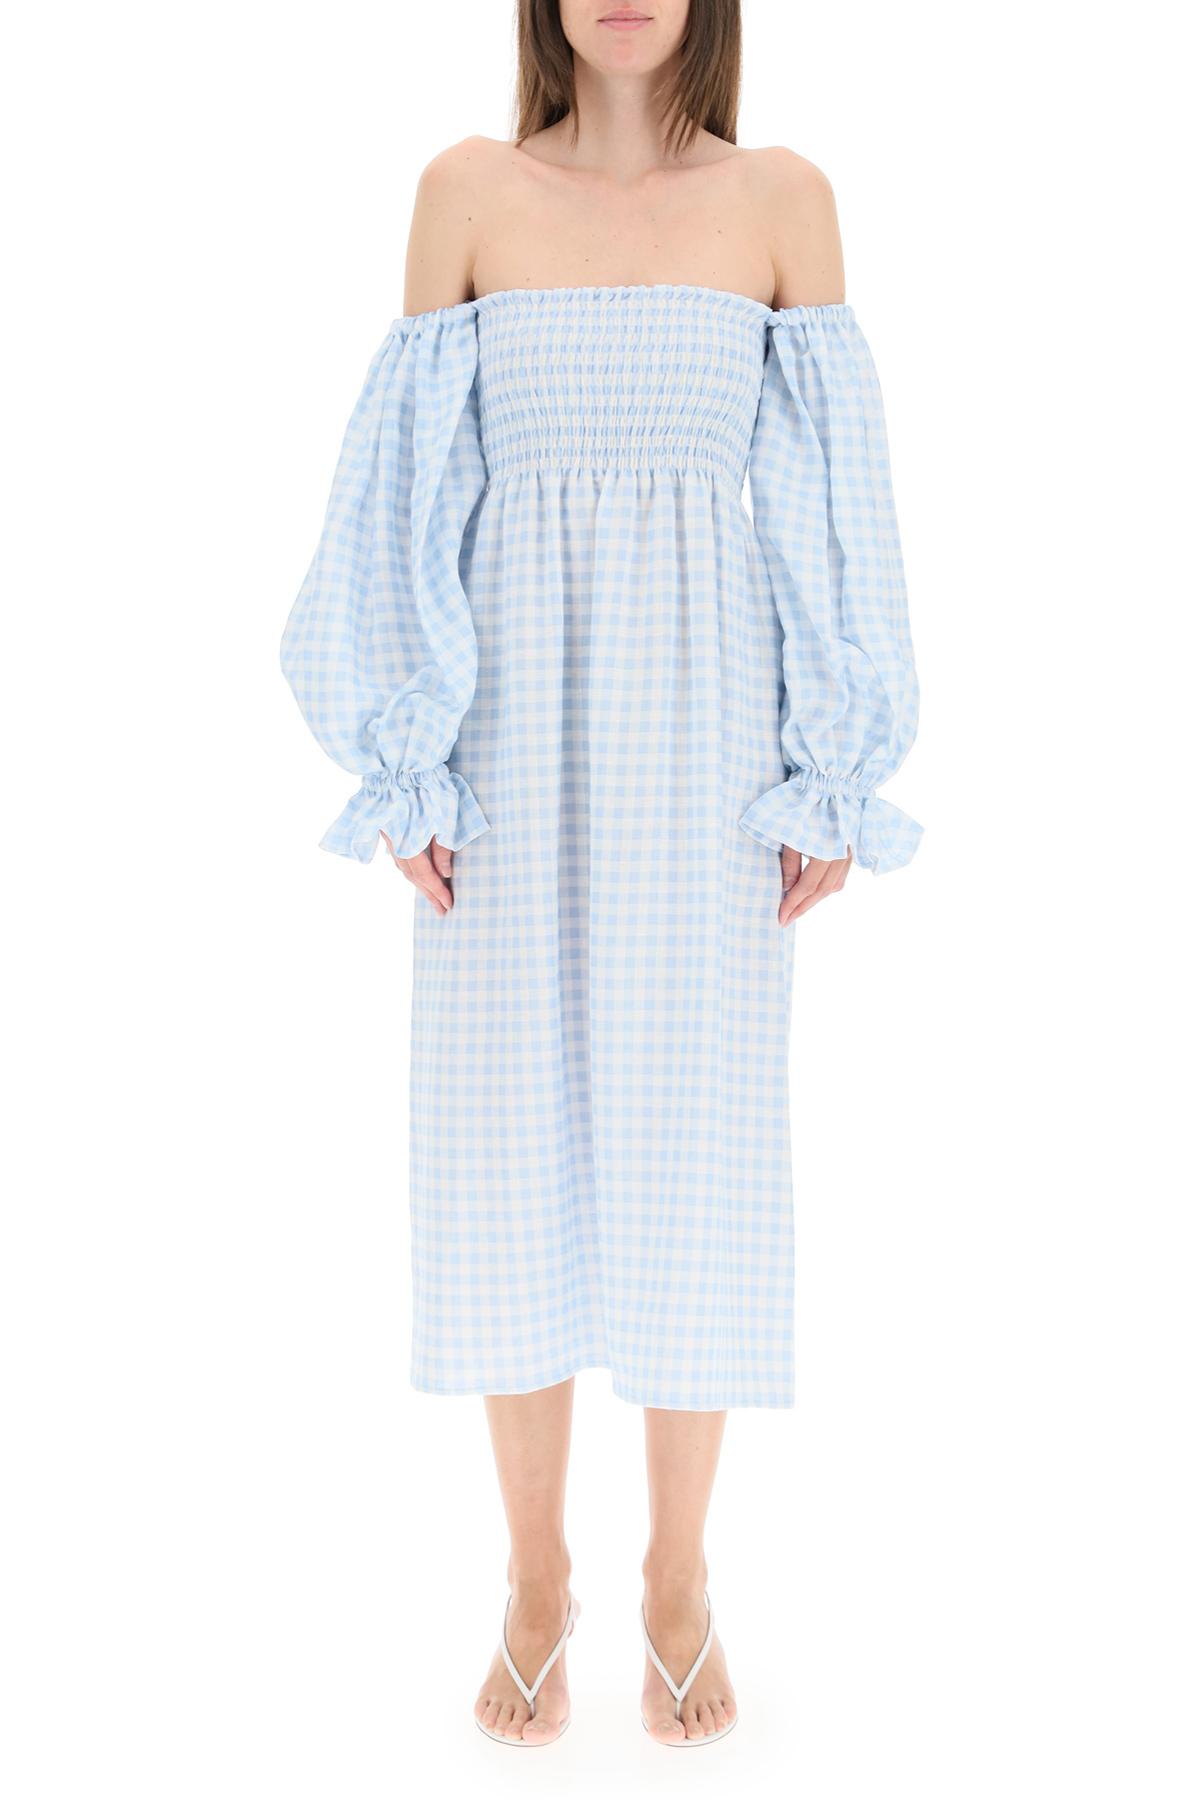 Sleeper abito atlanta in lino vichy